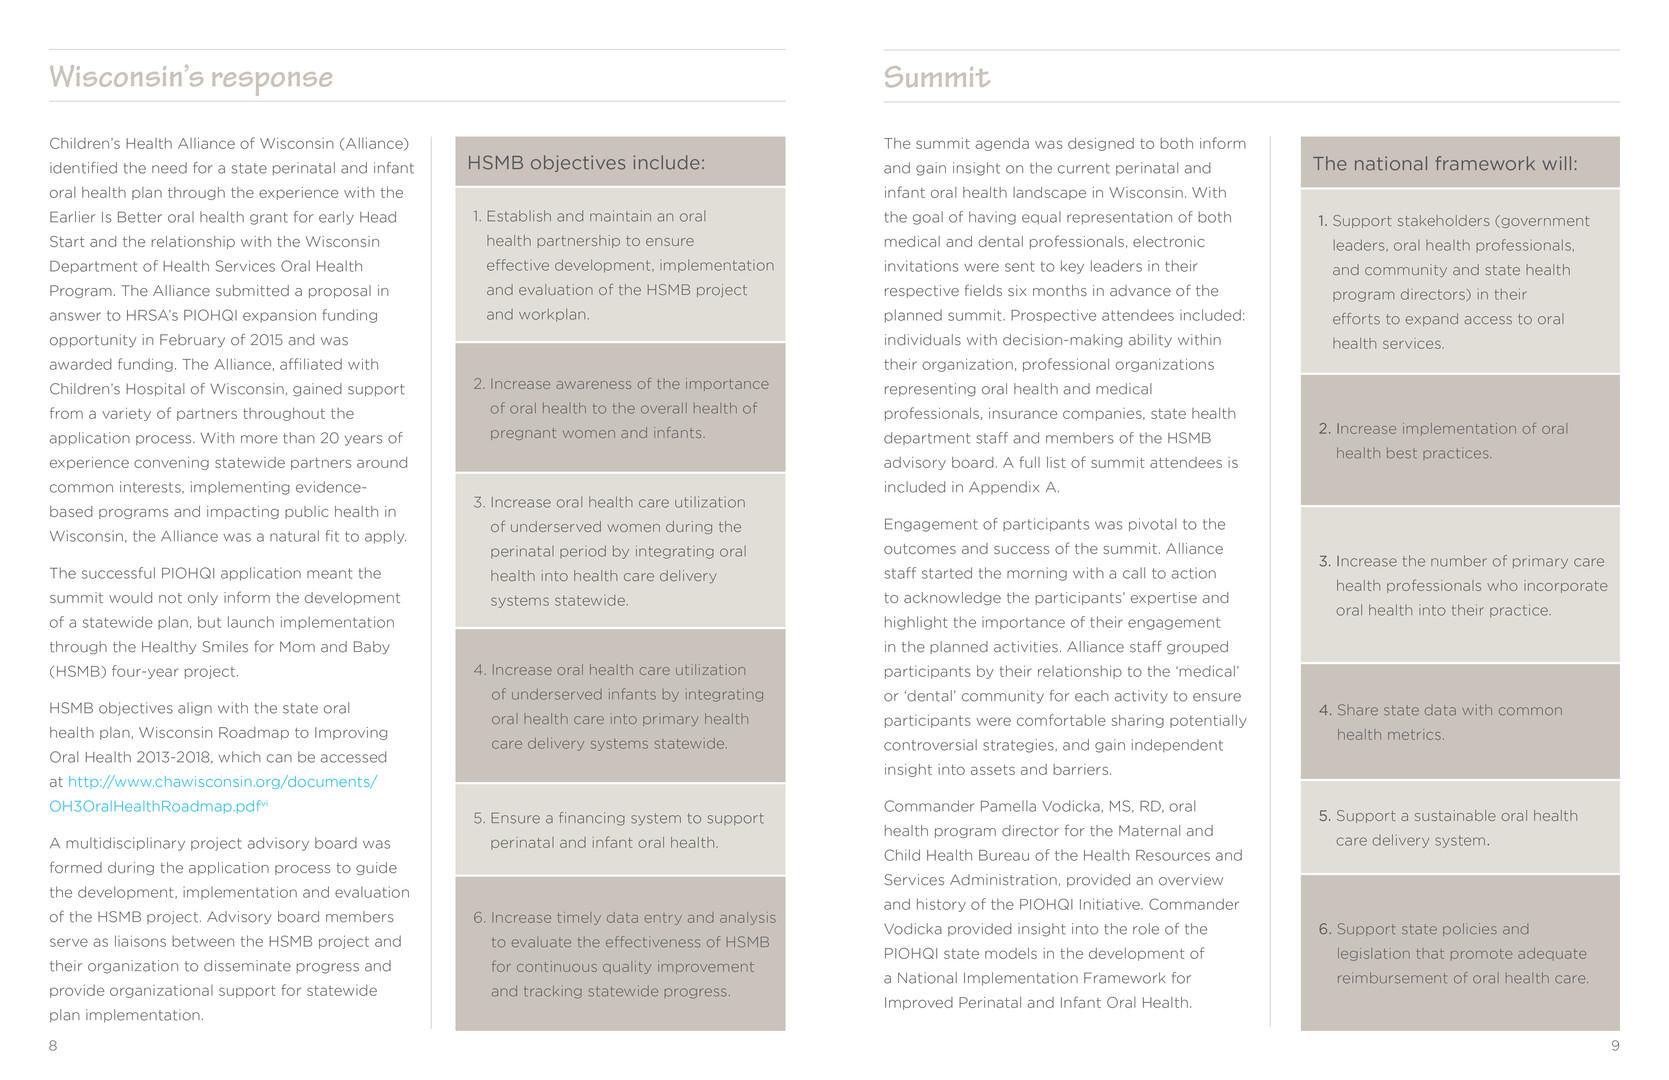 HSMB Report5.jpg